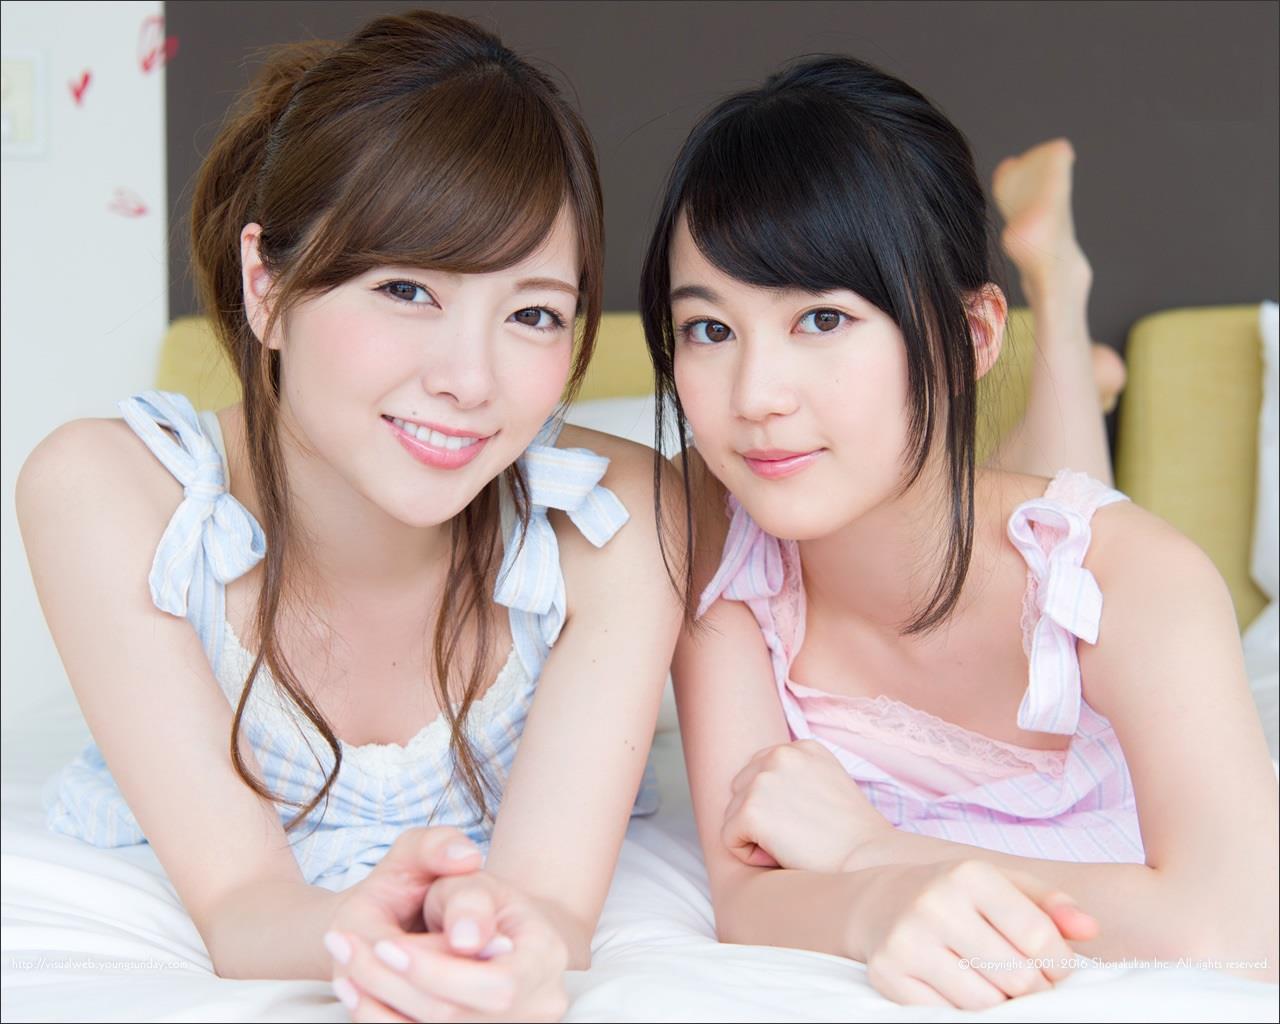 白石麻衣のミズ着姿と生田絵梨花いくまい仲良しツーショット写真52枚